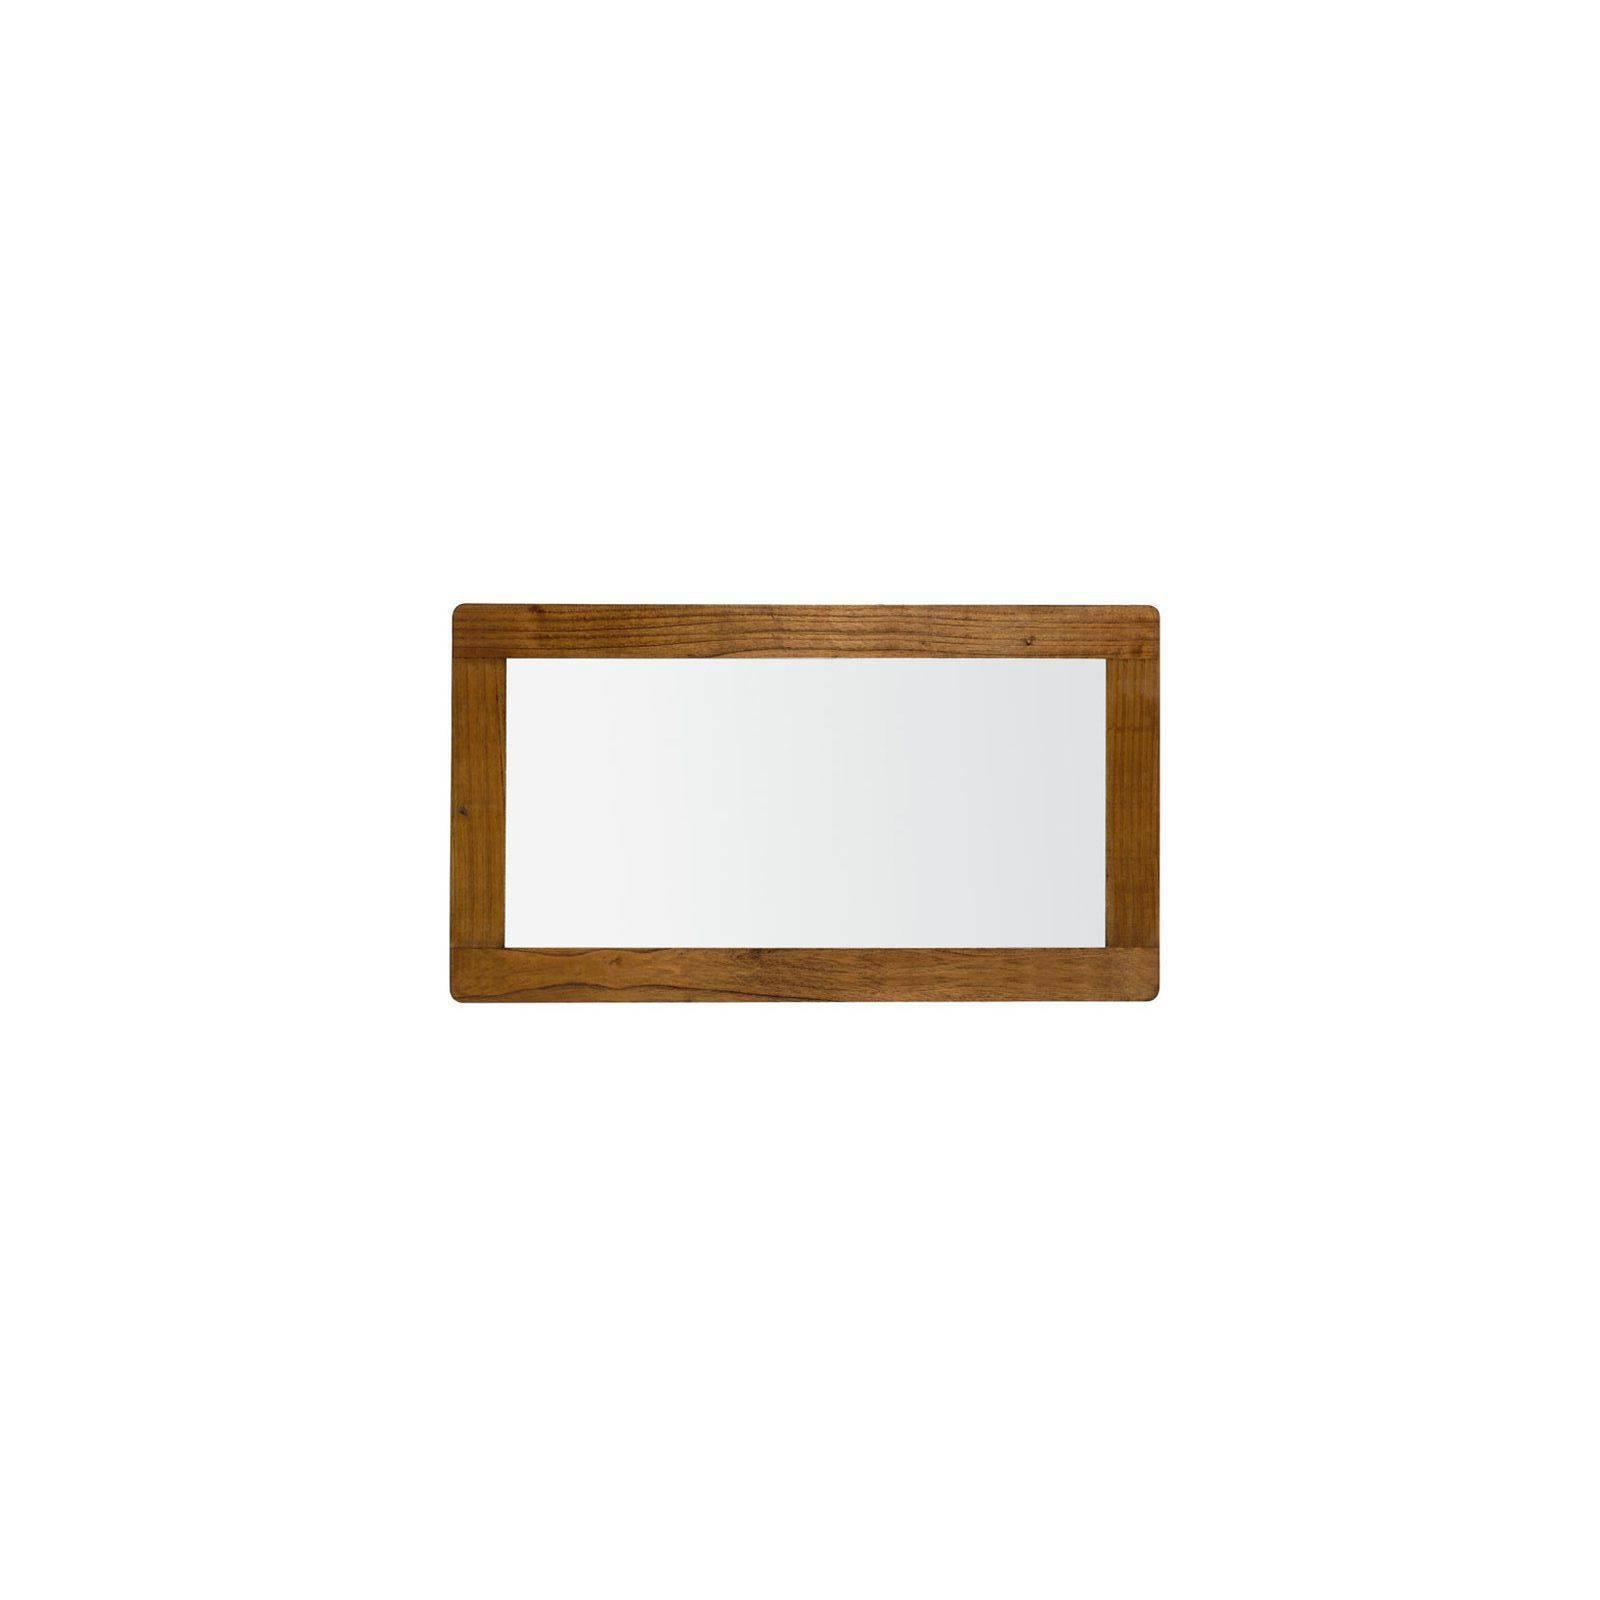 Miroir rectangulaire Rétro Mindi Massif - déco vintage